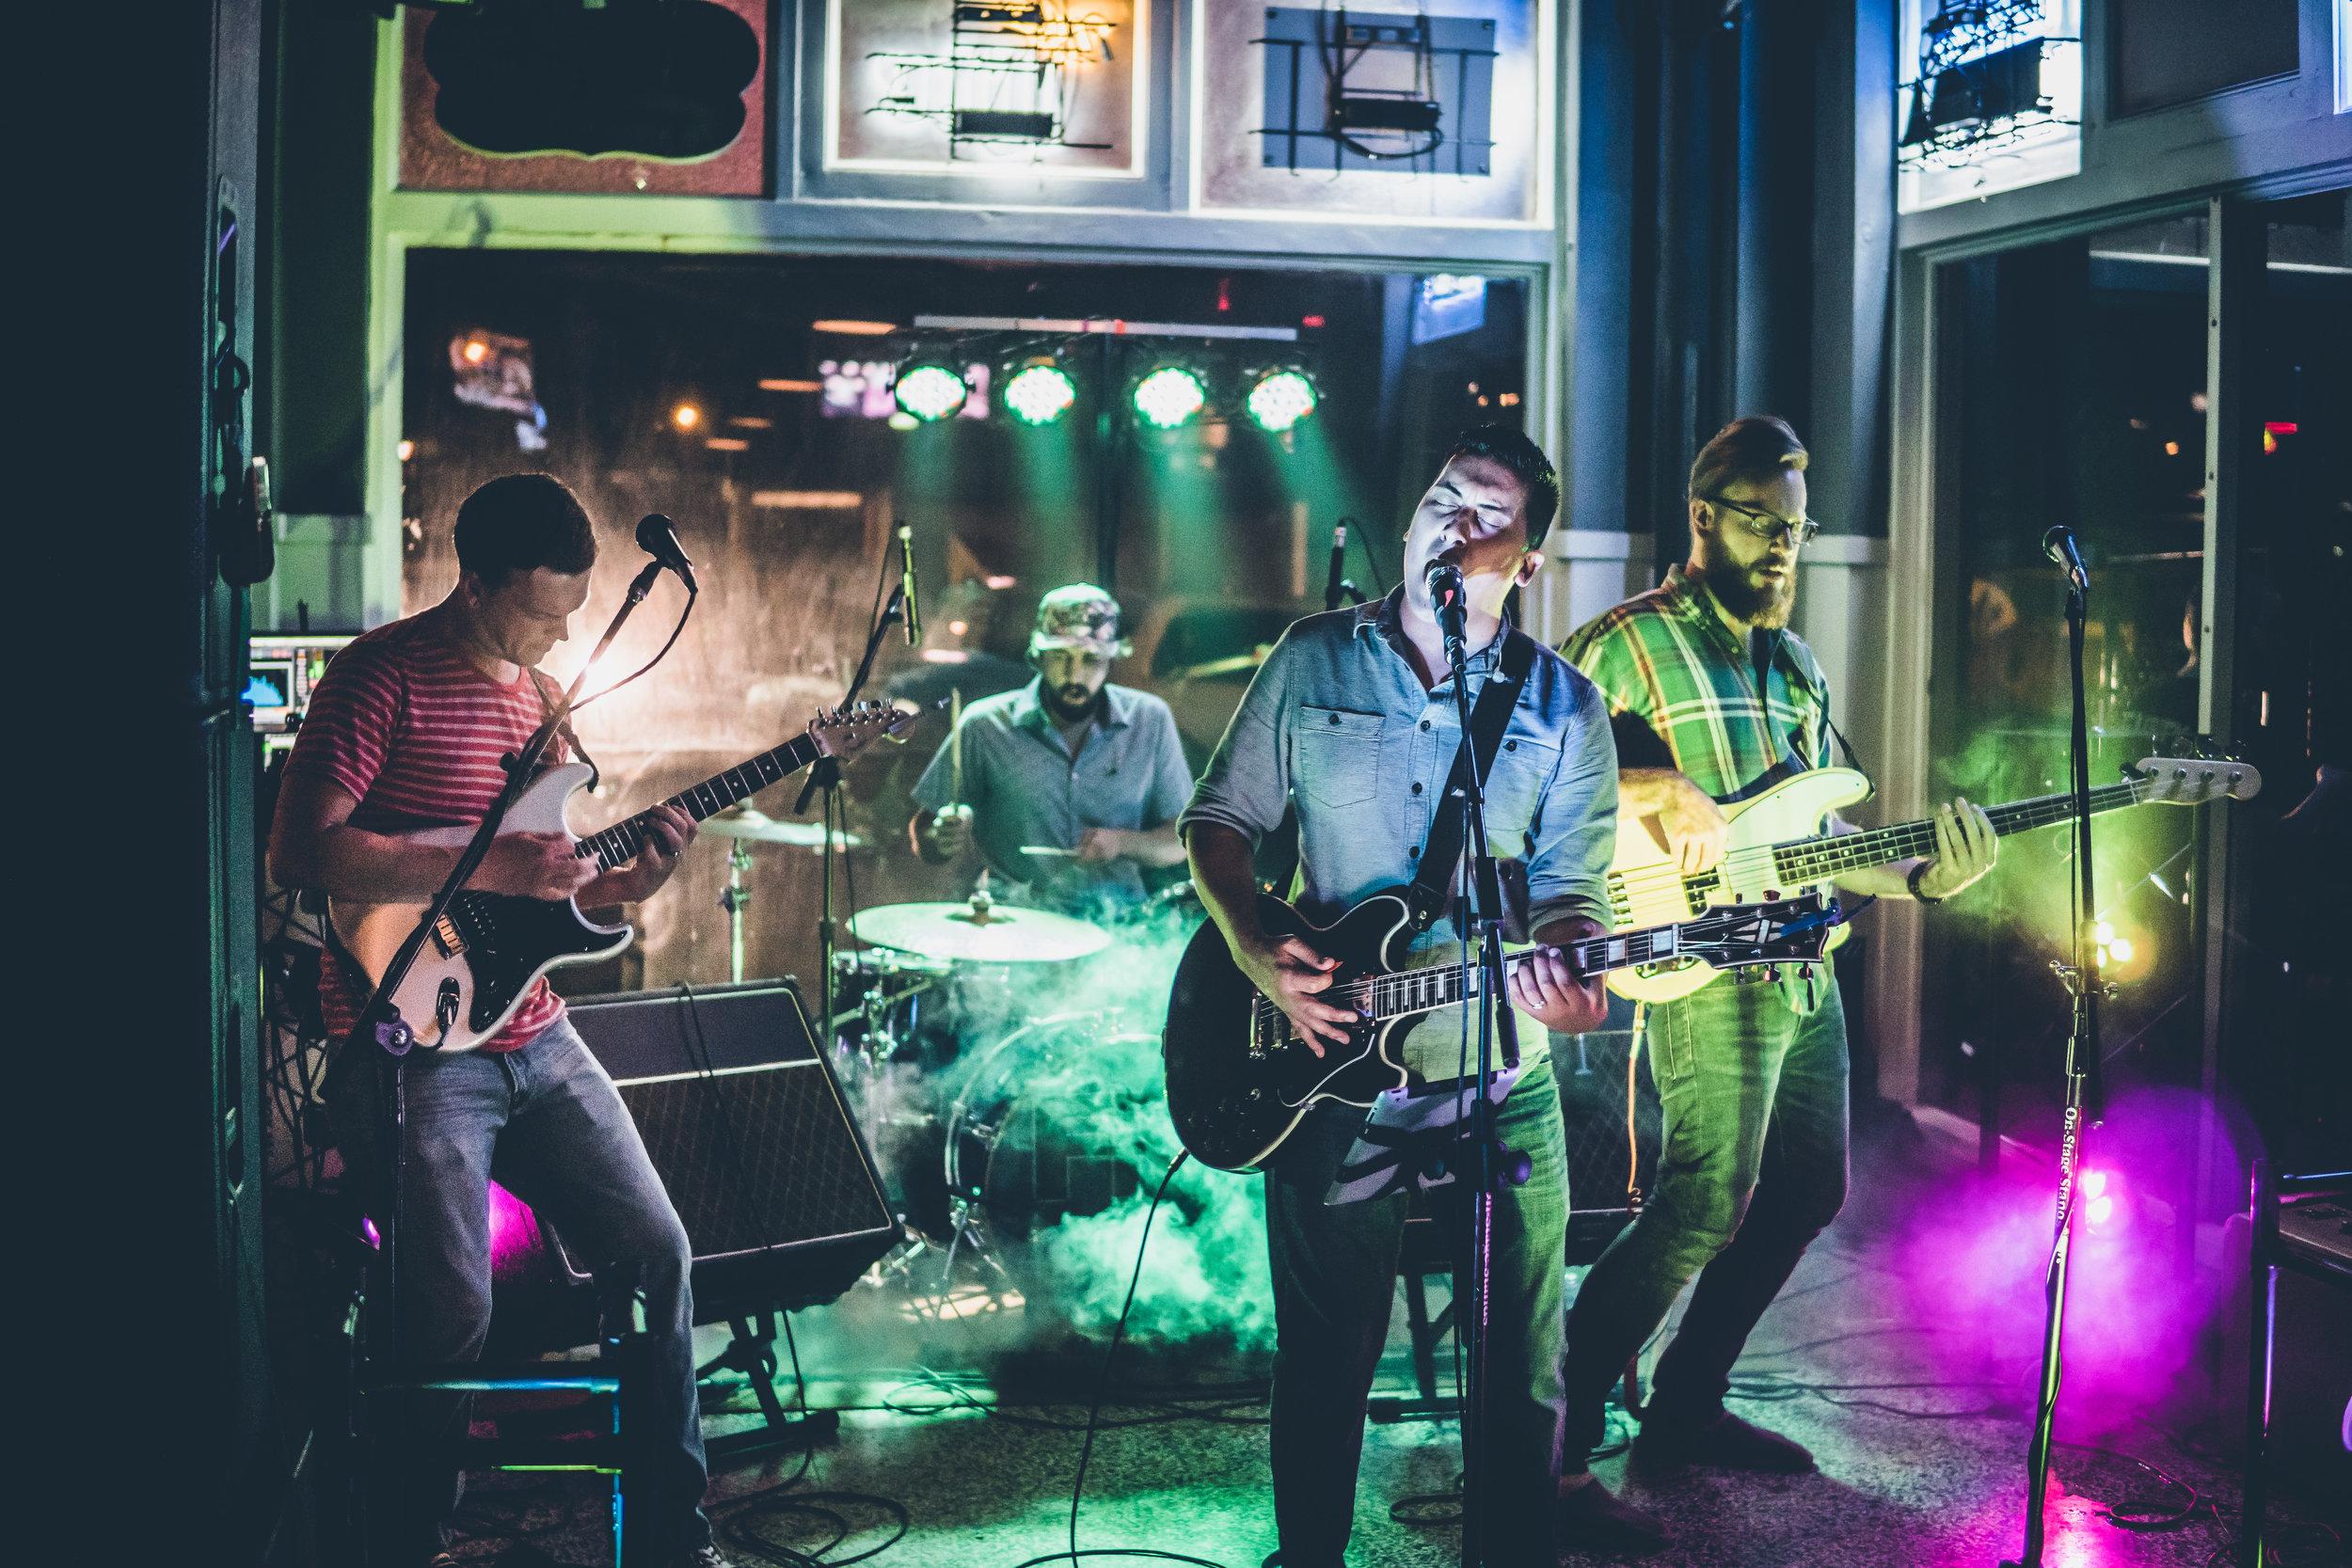 FM Pilots - Tulsa Rock Band - at Inner Circle Vodka Bar 090916-2.jpg